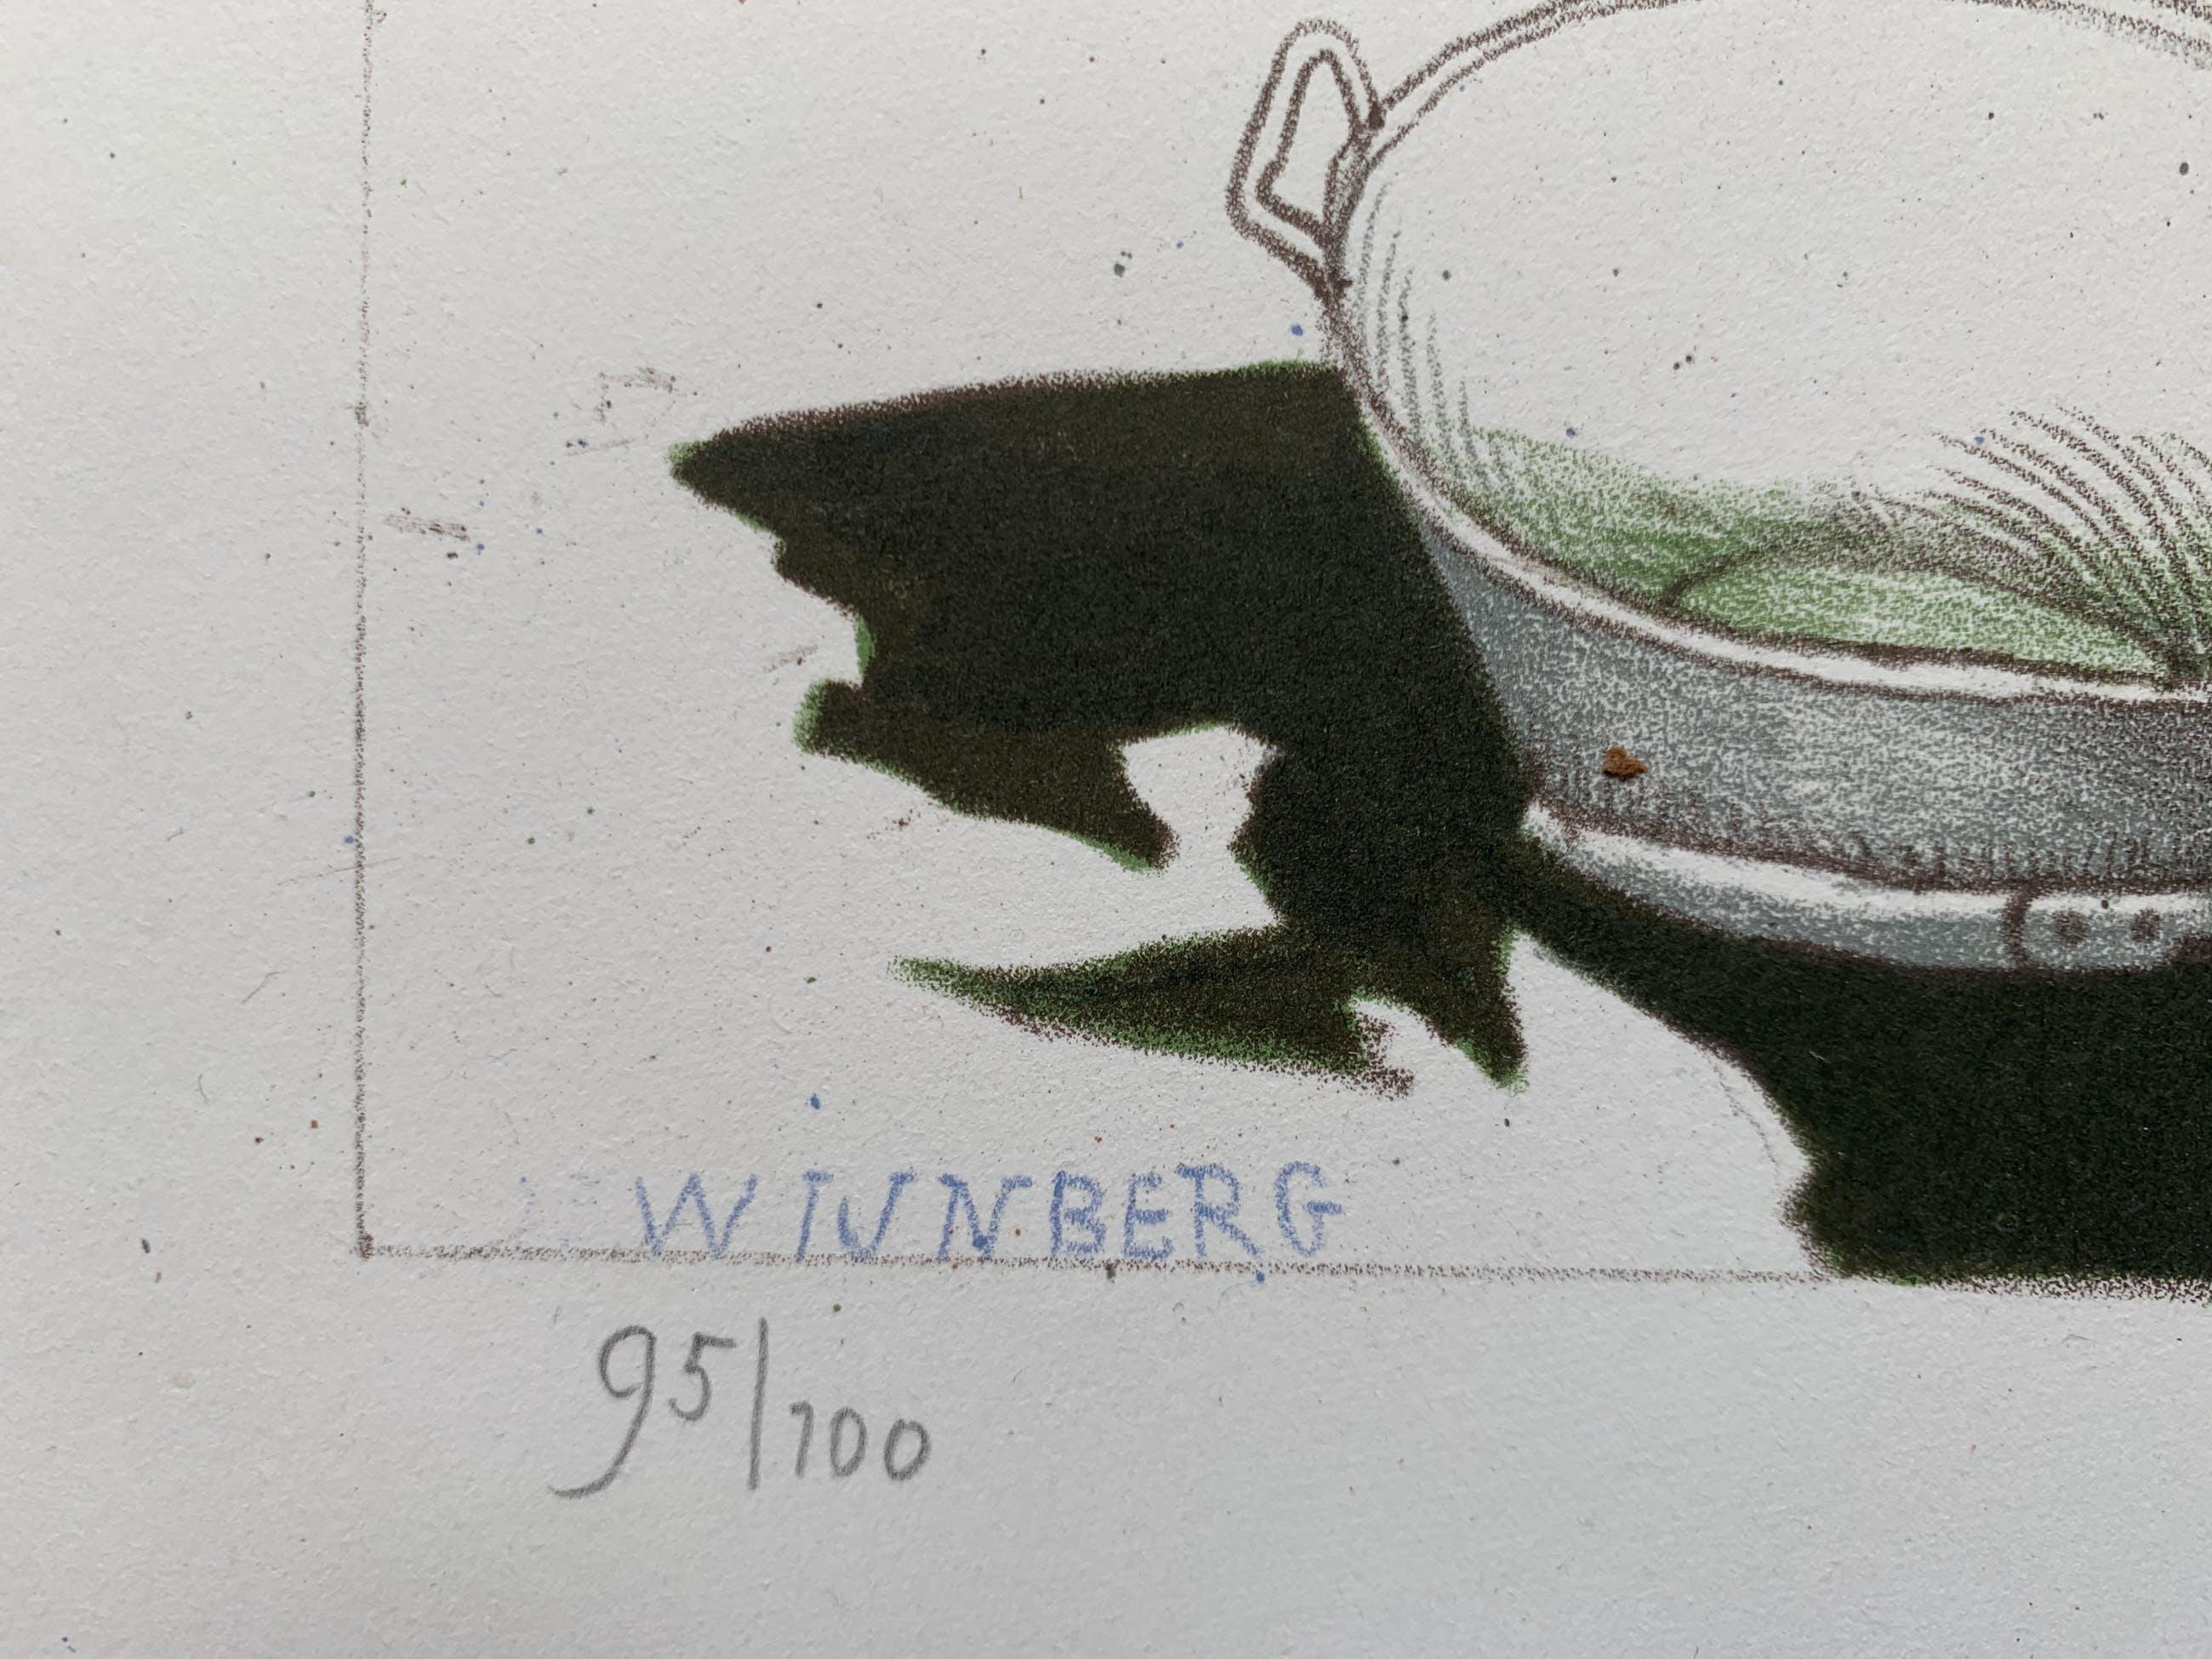 Nicolaas Wijnberg - kleurenlitho - 'Boers tafereel met badkuip' - 1982 kopen? Bied vanaf 70!